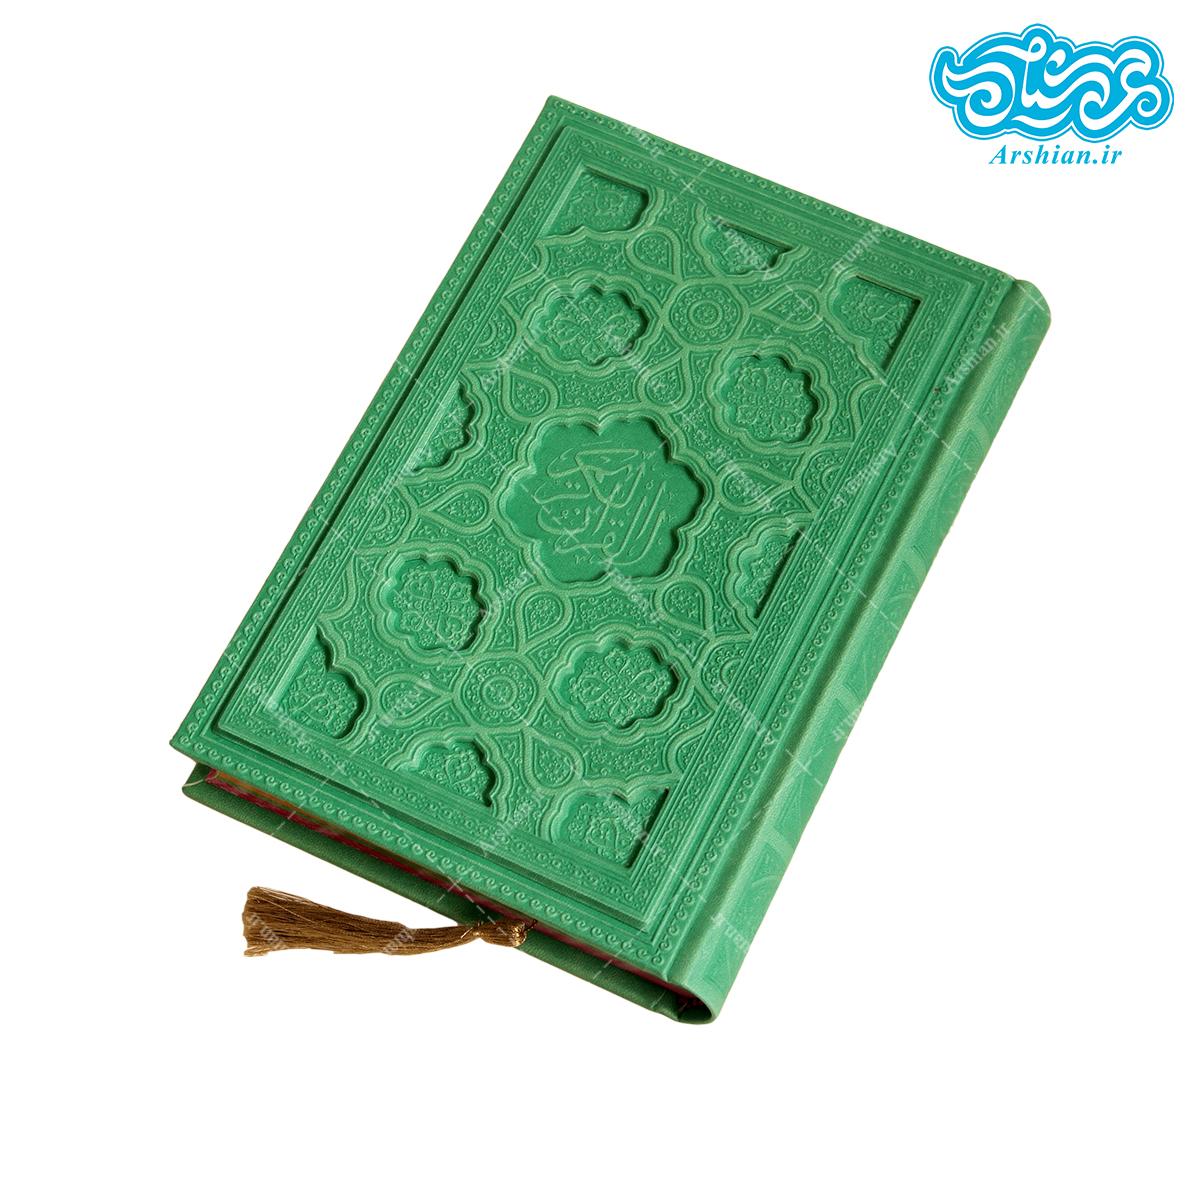 قرآن رقعی صفحه رنگی گوشه فلزی جلد مشبک